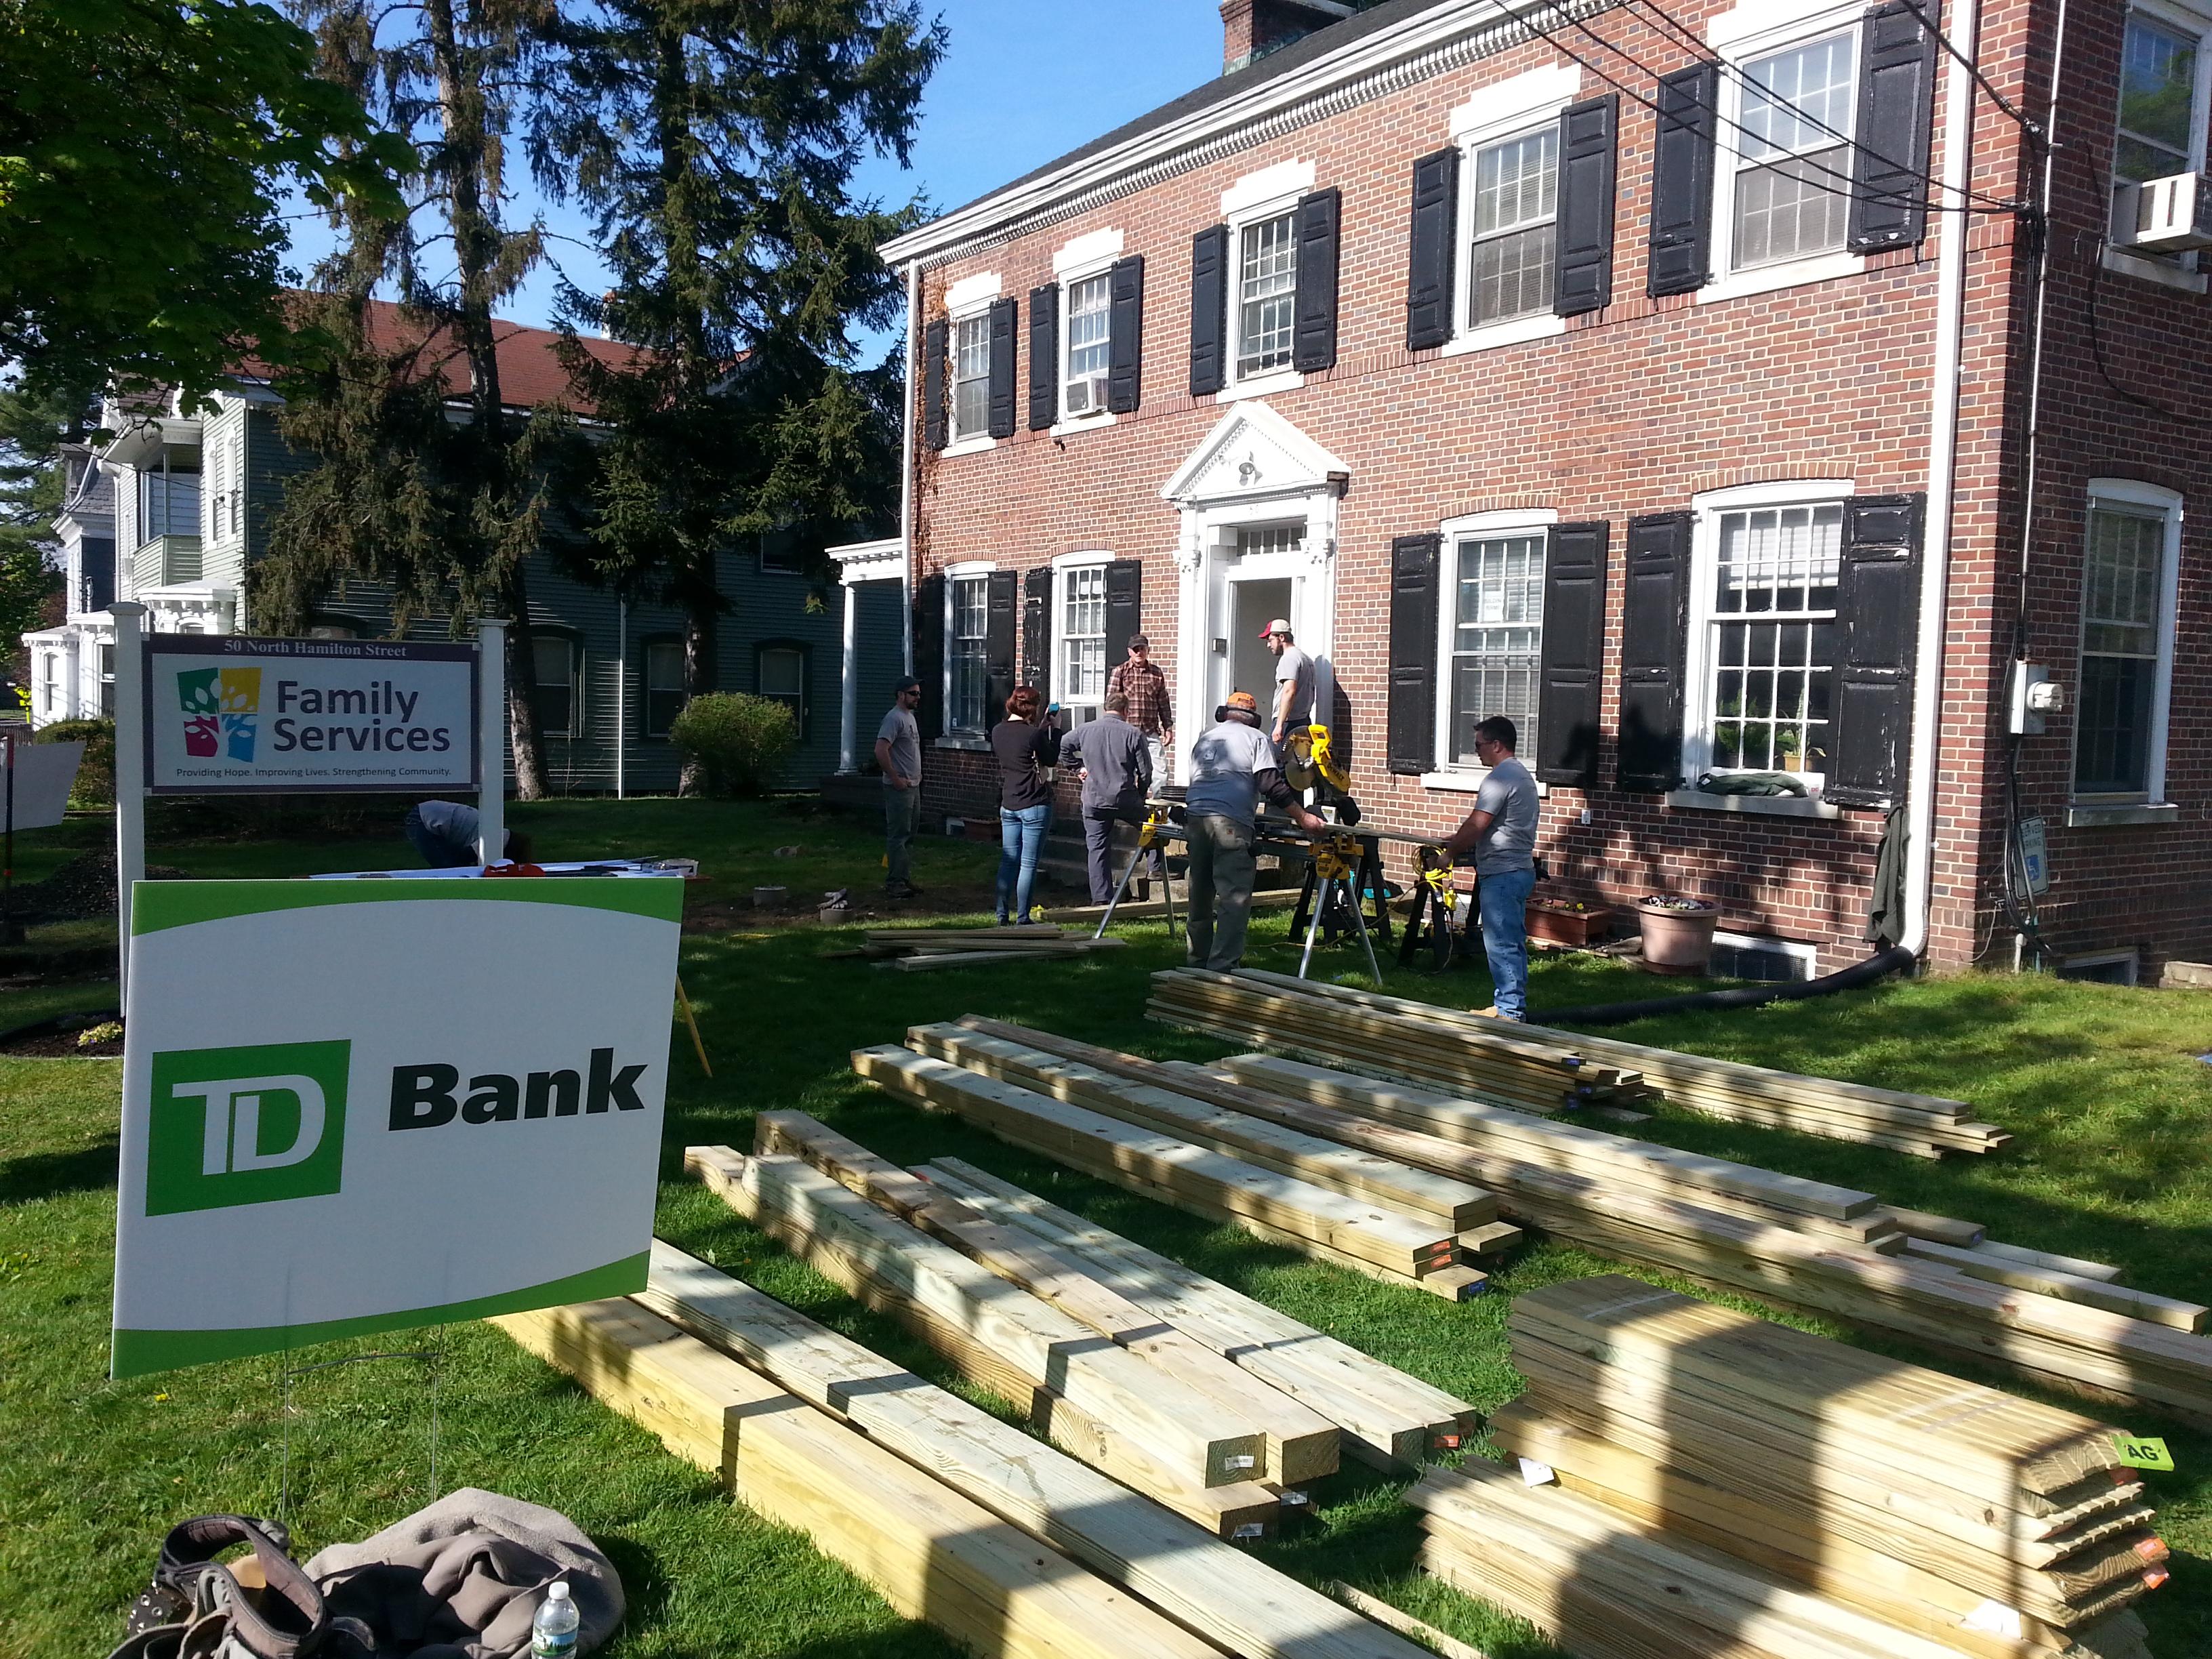 TD Bank volunteers